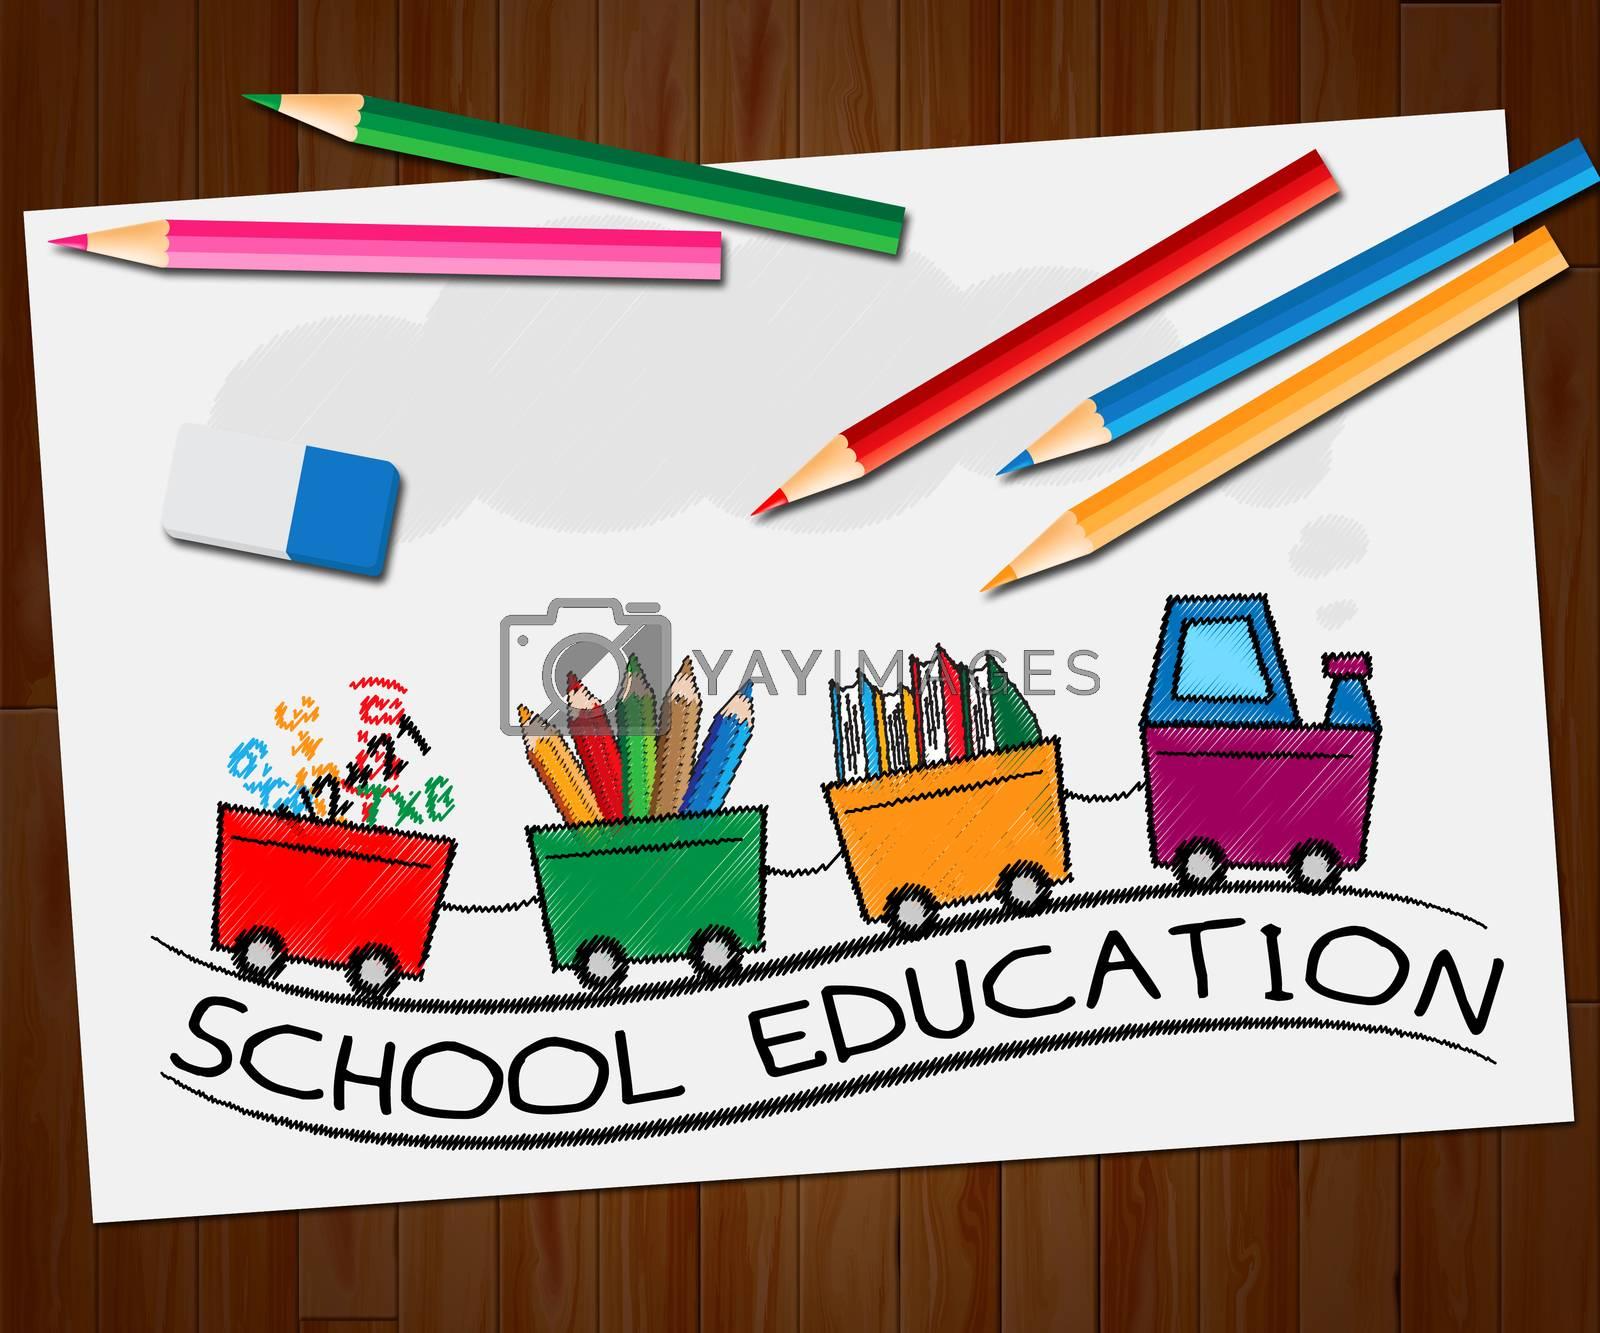 School Education Train Means Kids Education 3d Illustration